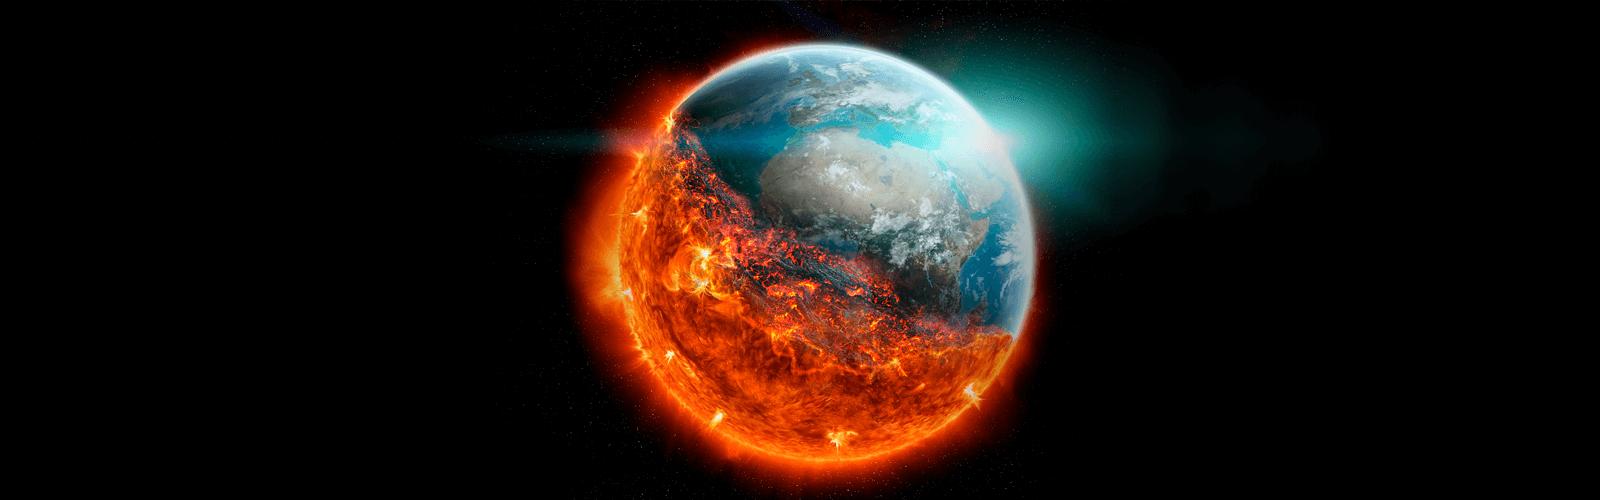 Разрушение человечества. Геноцид  людей. Жизнь в эпоху перемен